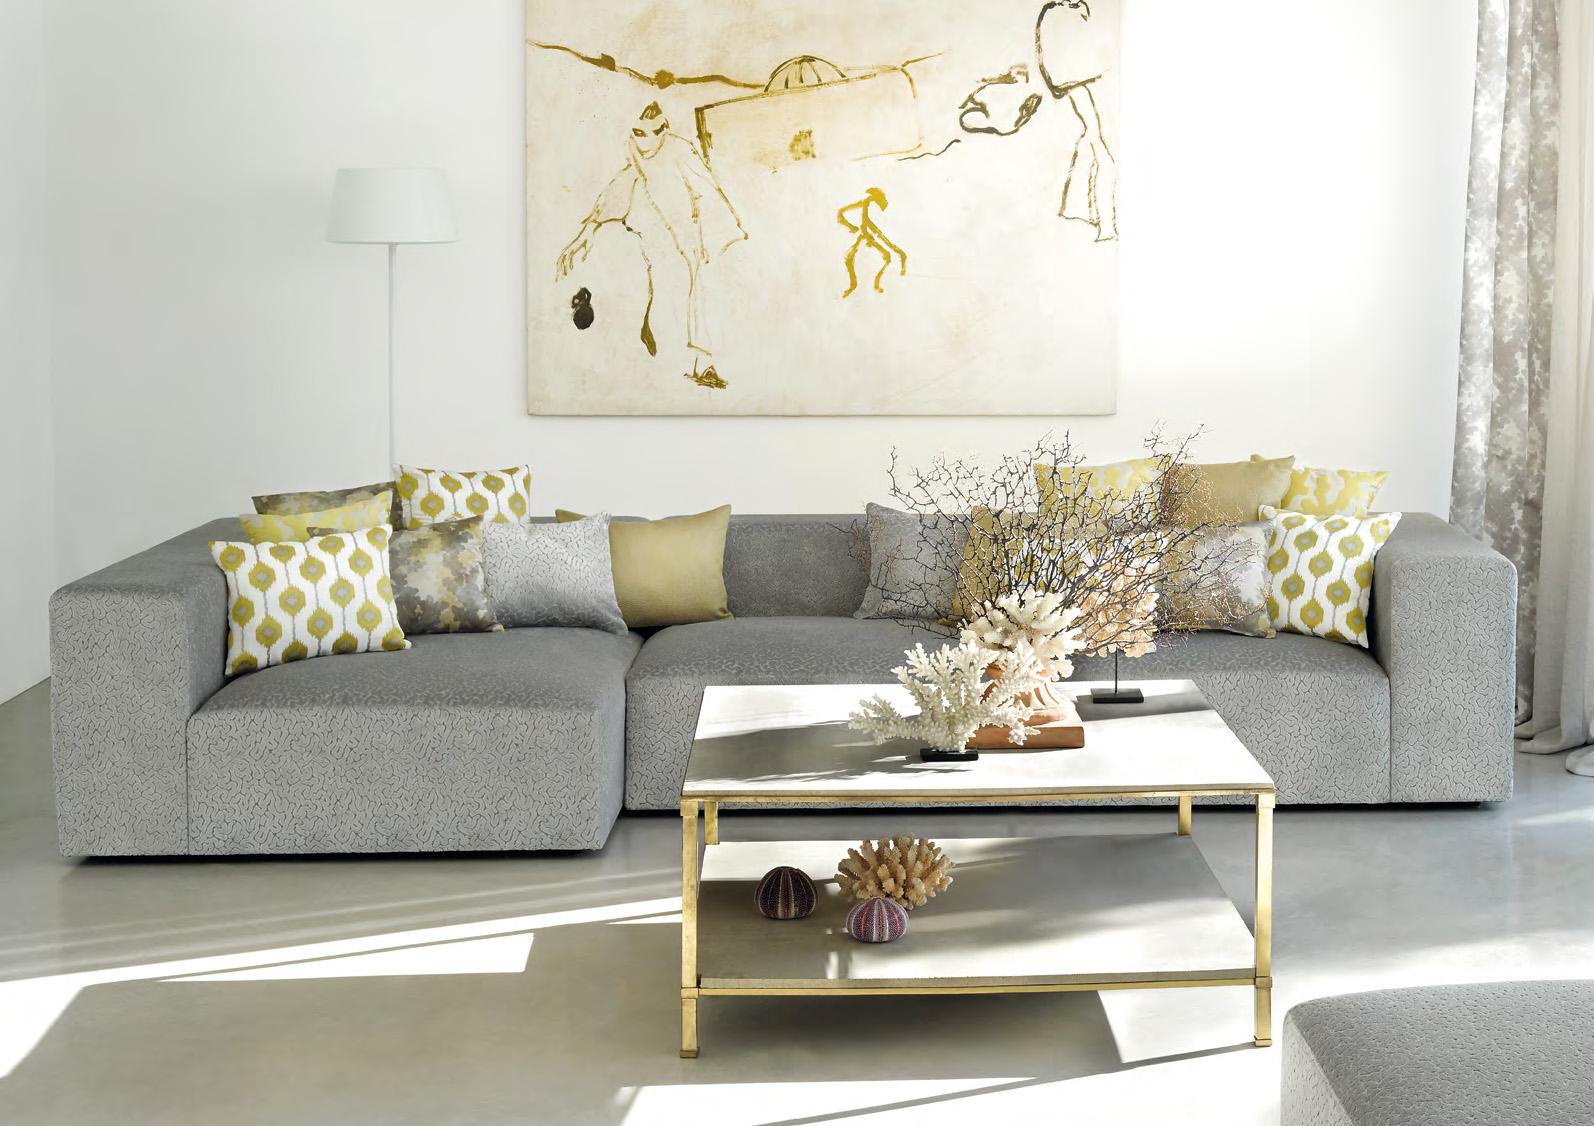 Como cubrir un sofa amazing gallery of sofas pequeos llenos de cojines with ideas para cubrir - Sofa de cojines ...